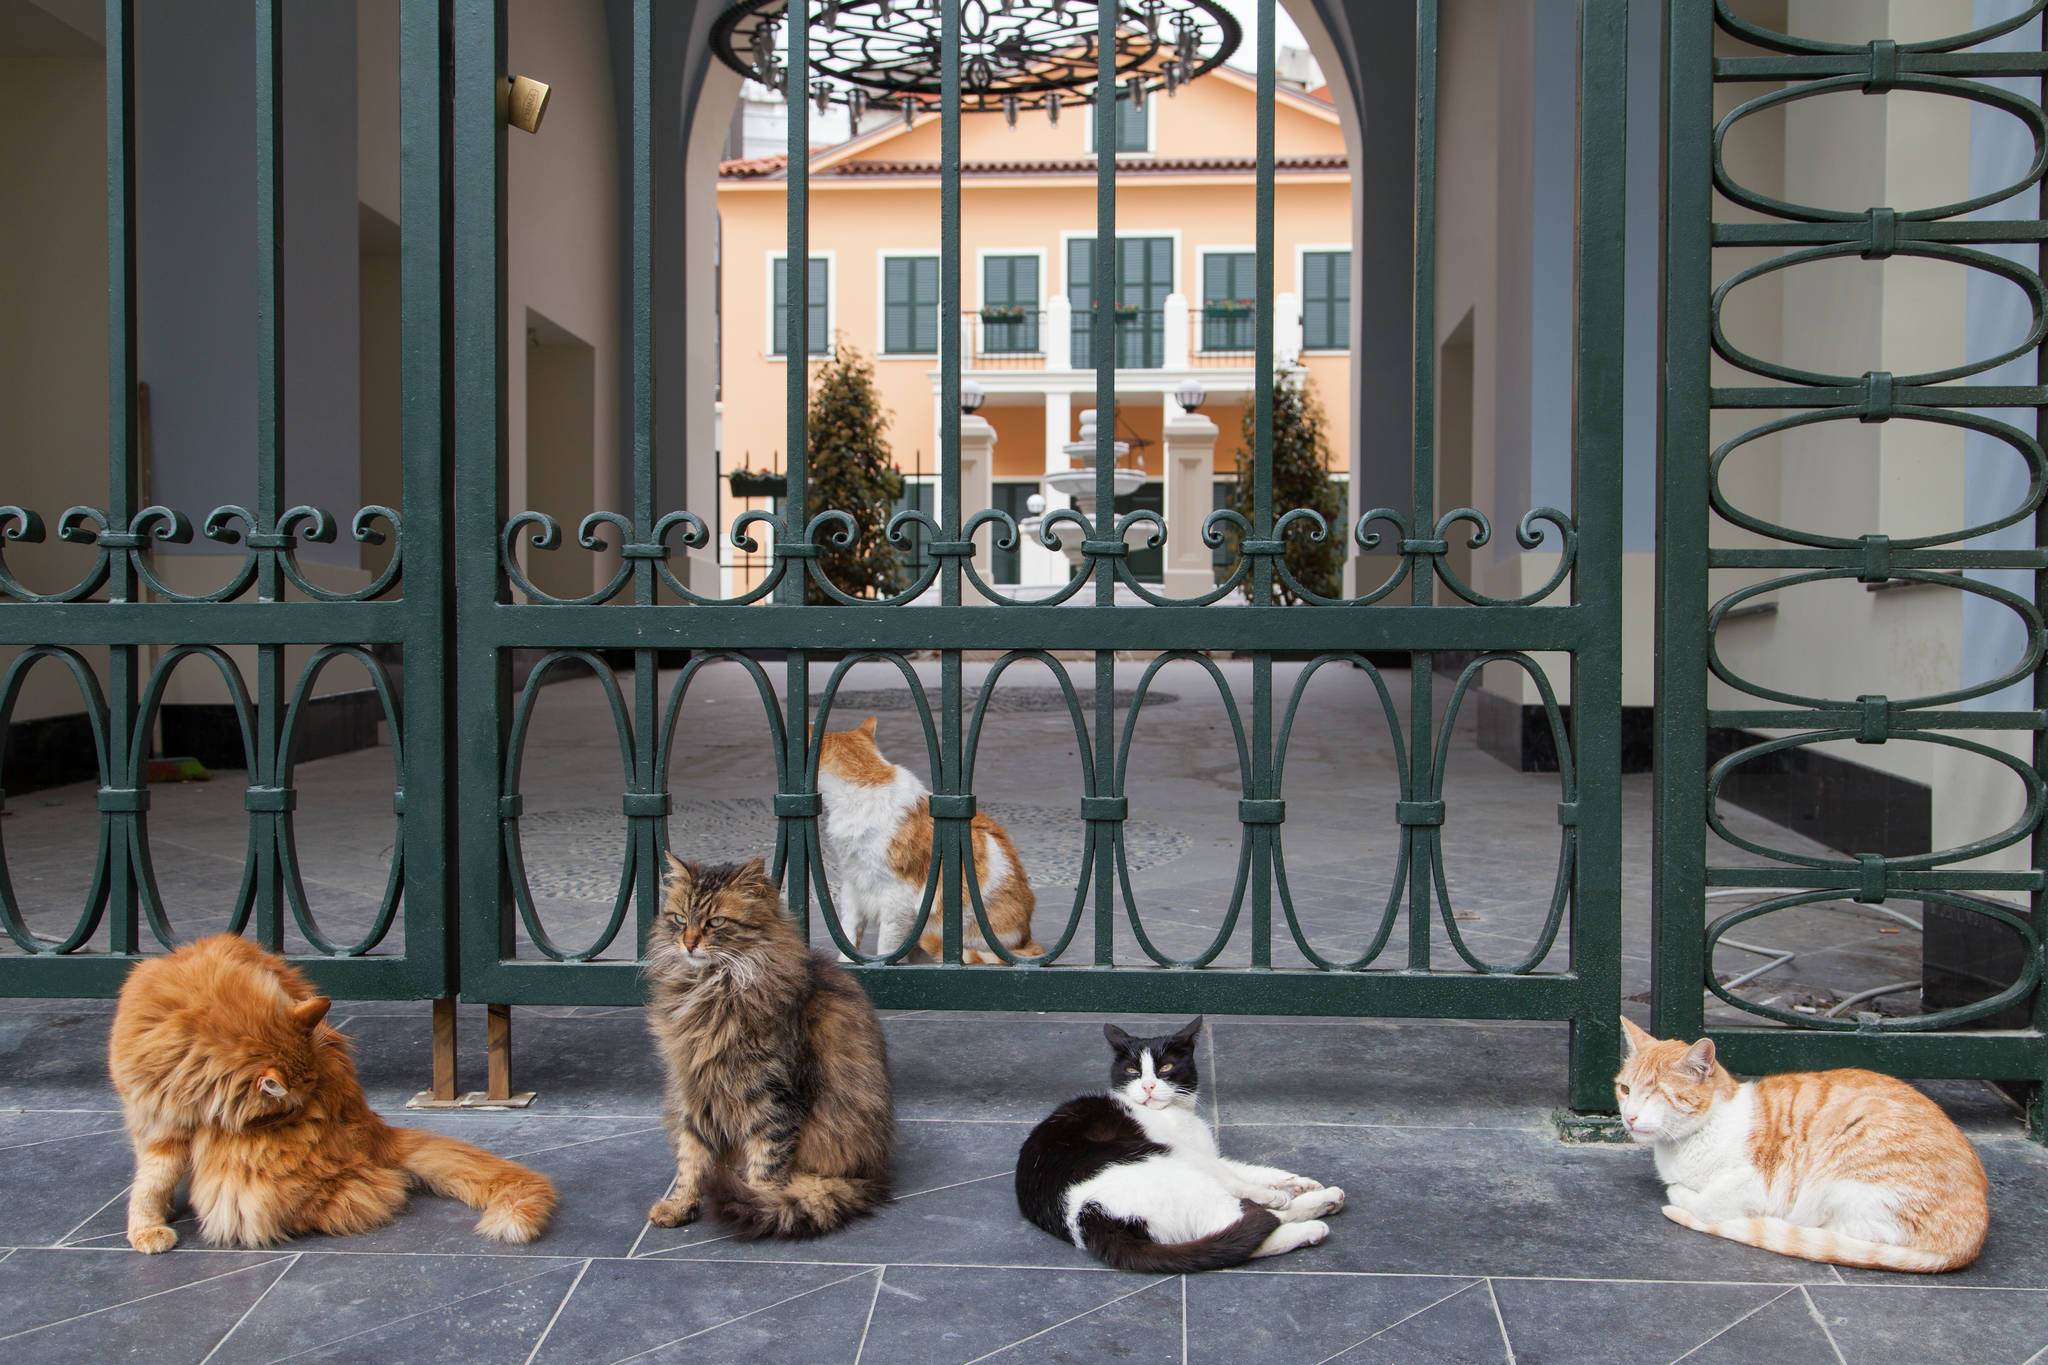 이스탄불은 개와 고양이의 천국이다. 어디를 가나 길바닥에 누워있는 큼직한 개와 사람을 경계하지 않는 고양이를 볼 수 있다. 탁심 광장 인근에서 오후의 햇살을 즐기고 있는 고양이 다섯 마리.